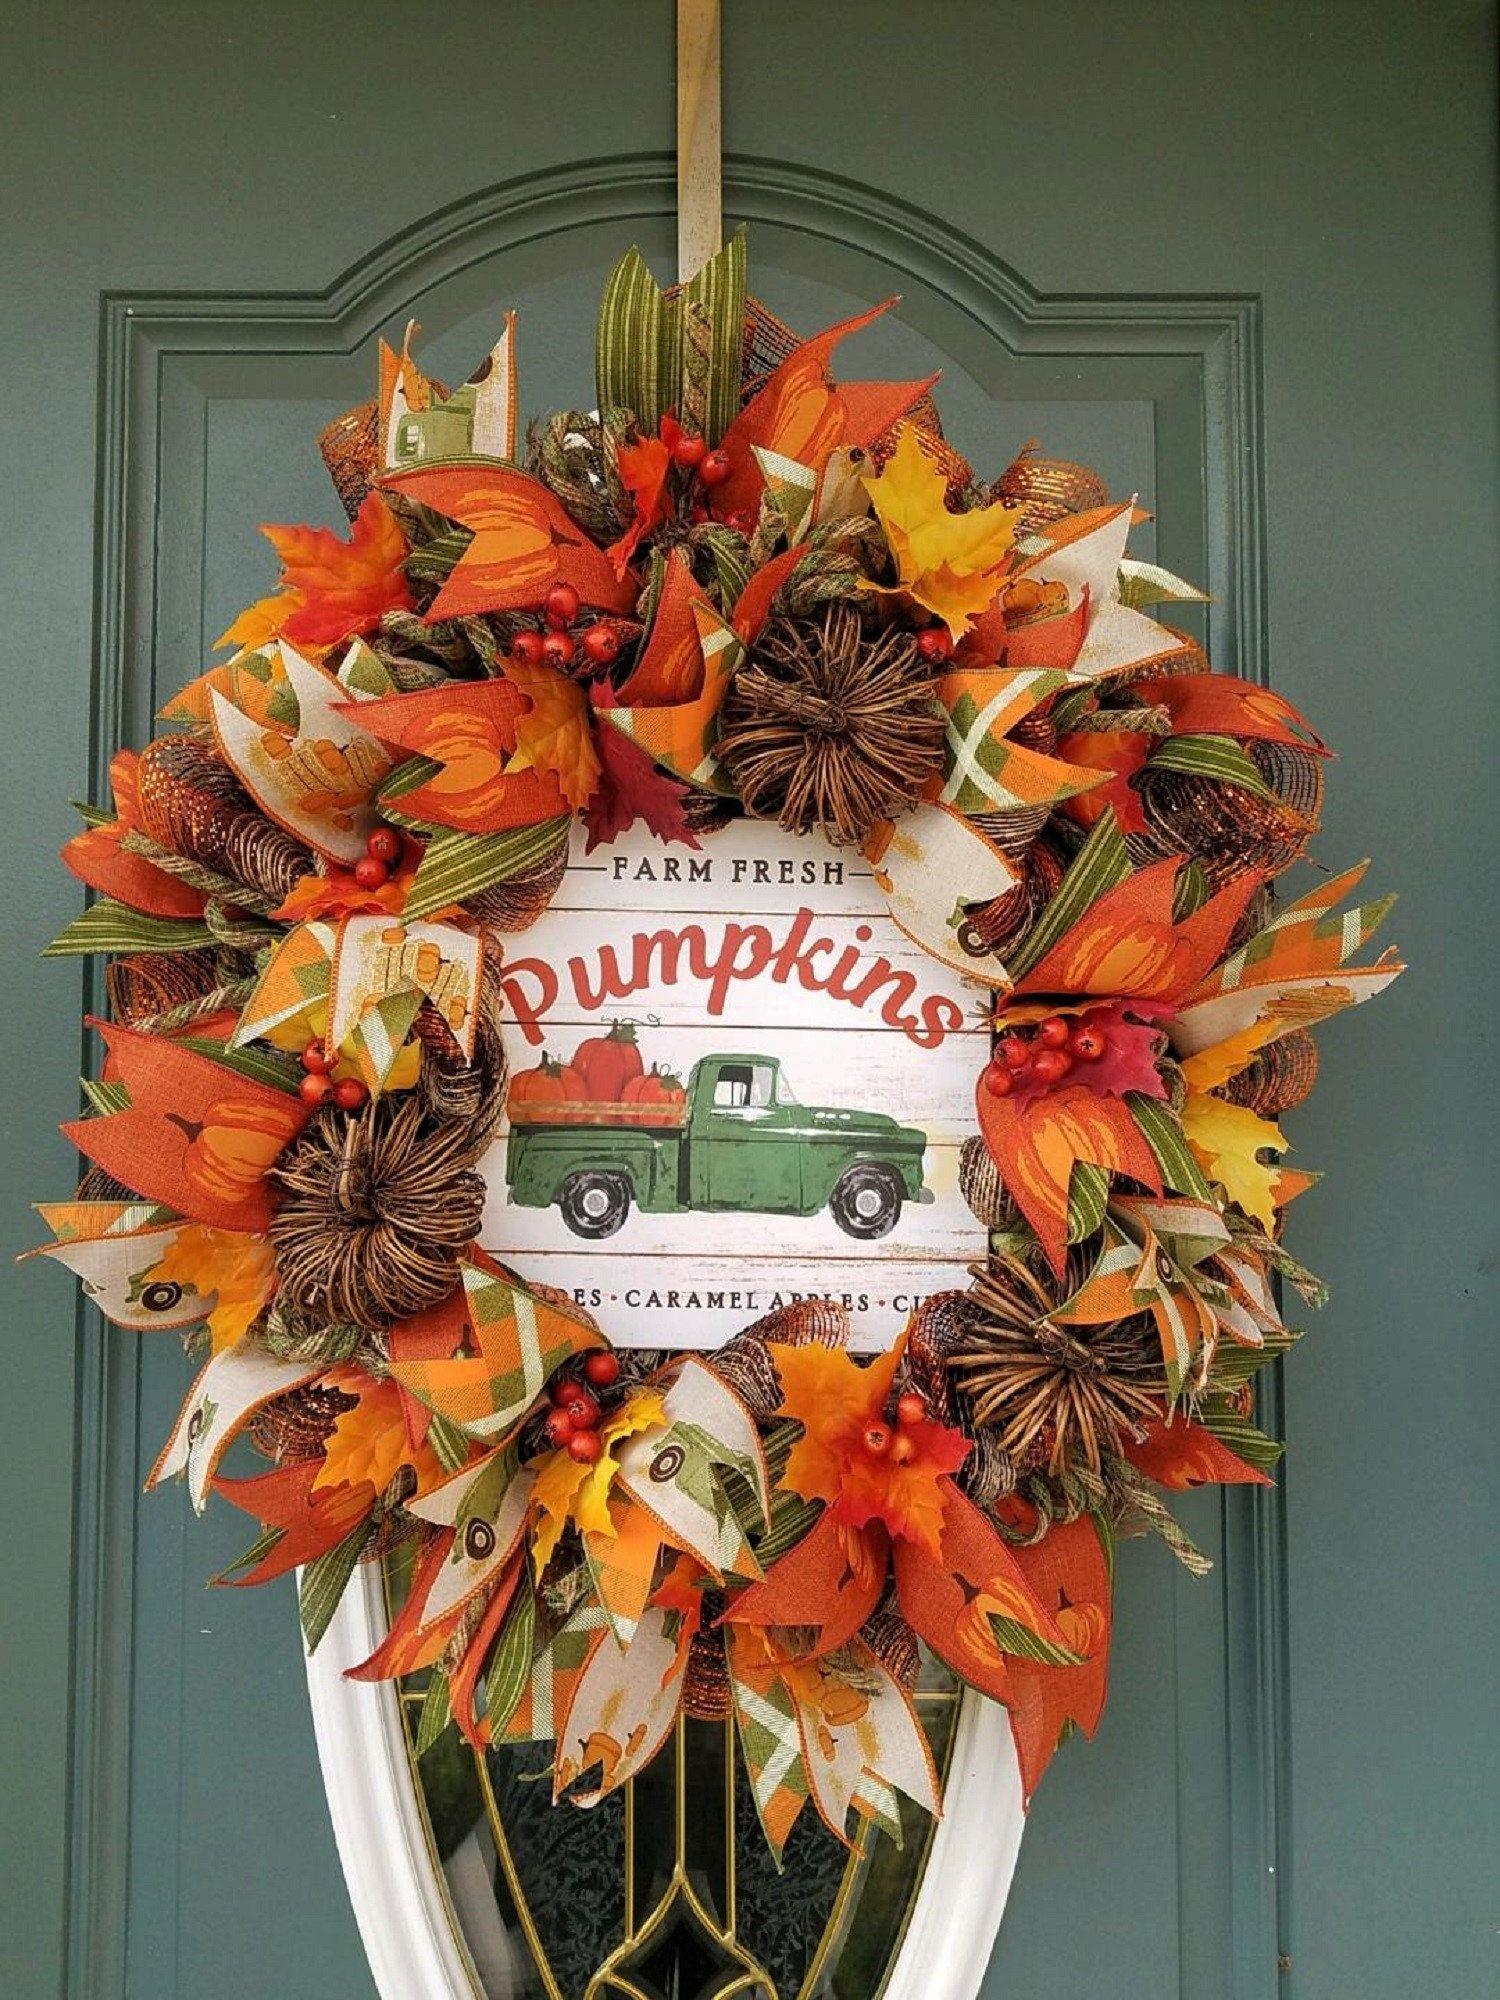 Fall Wreath For Front Door Halloween Wreath For Front Door Fall Truck Wreath Thanksgiving Wreath For F Door Wreaths Fall Fall Wreath Thanksgiving Wreaths